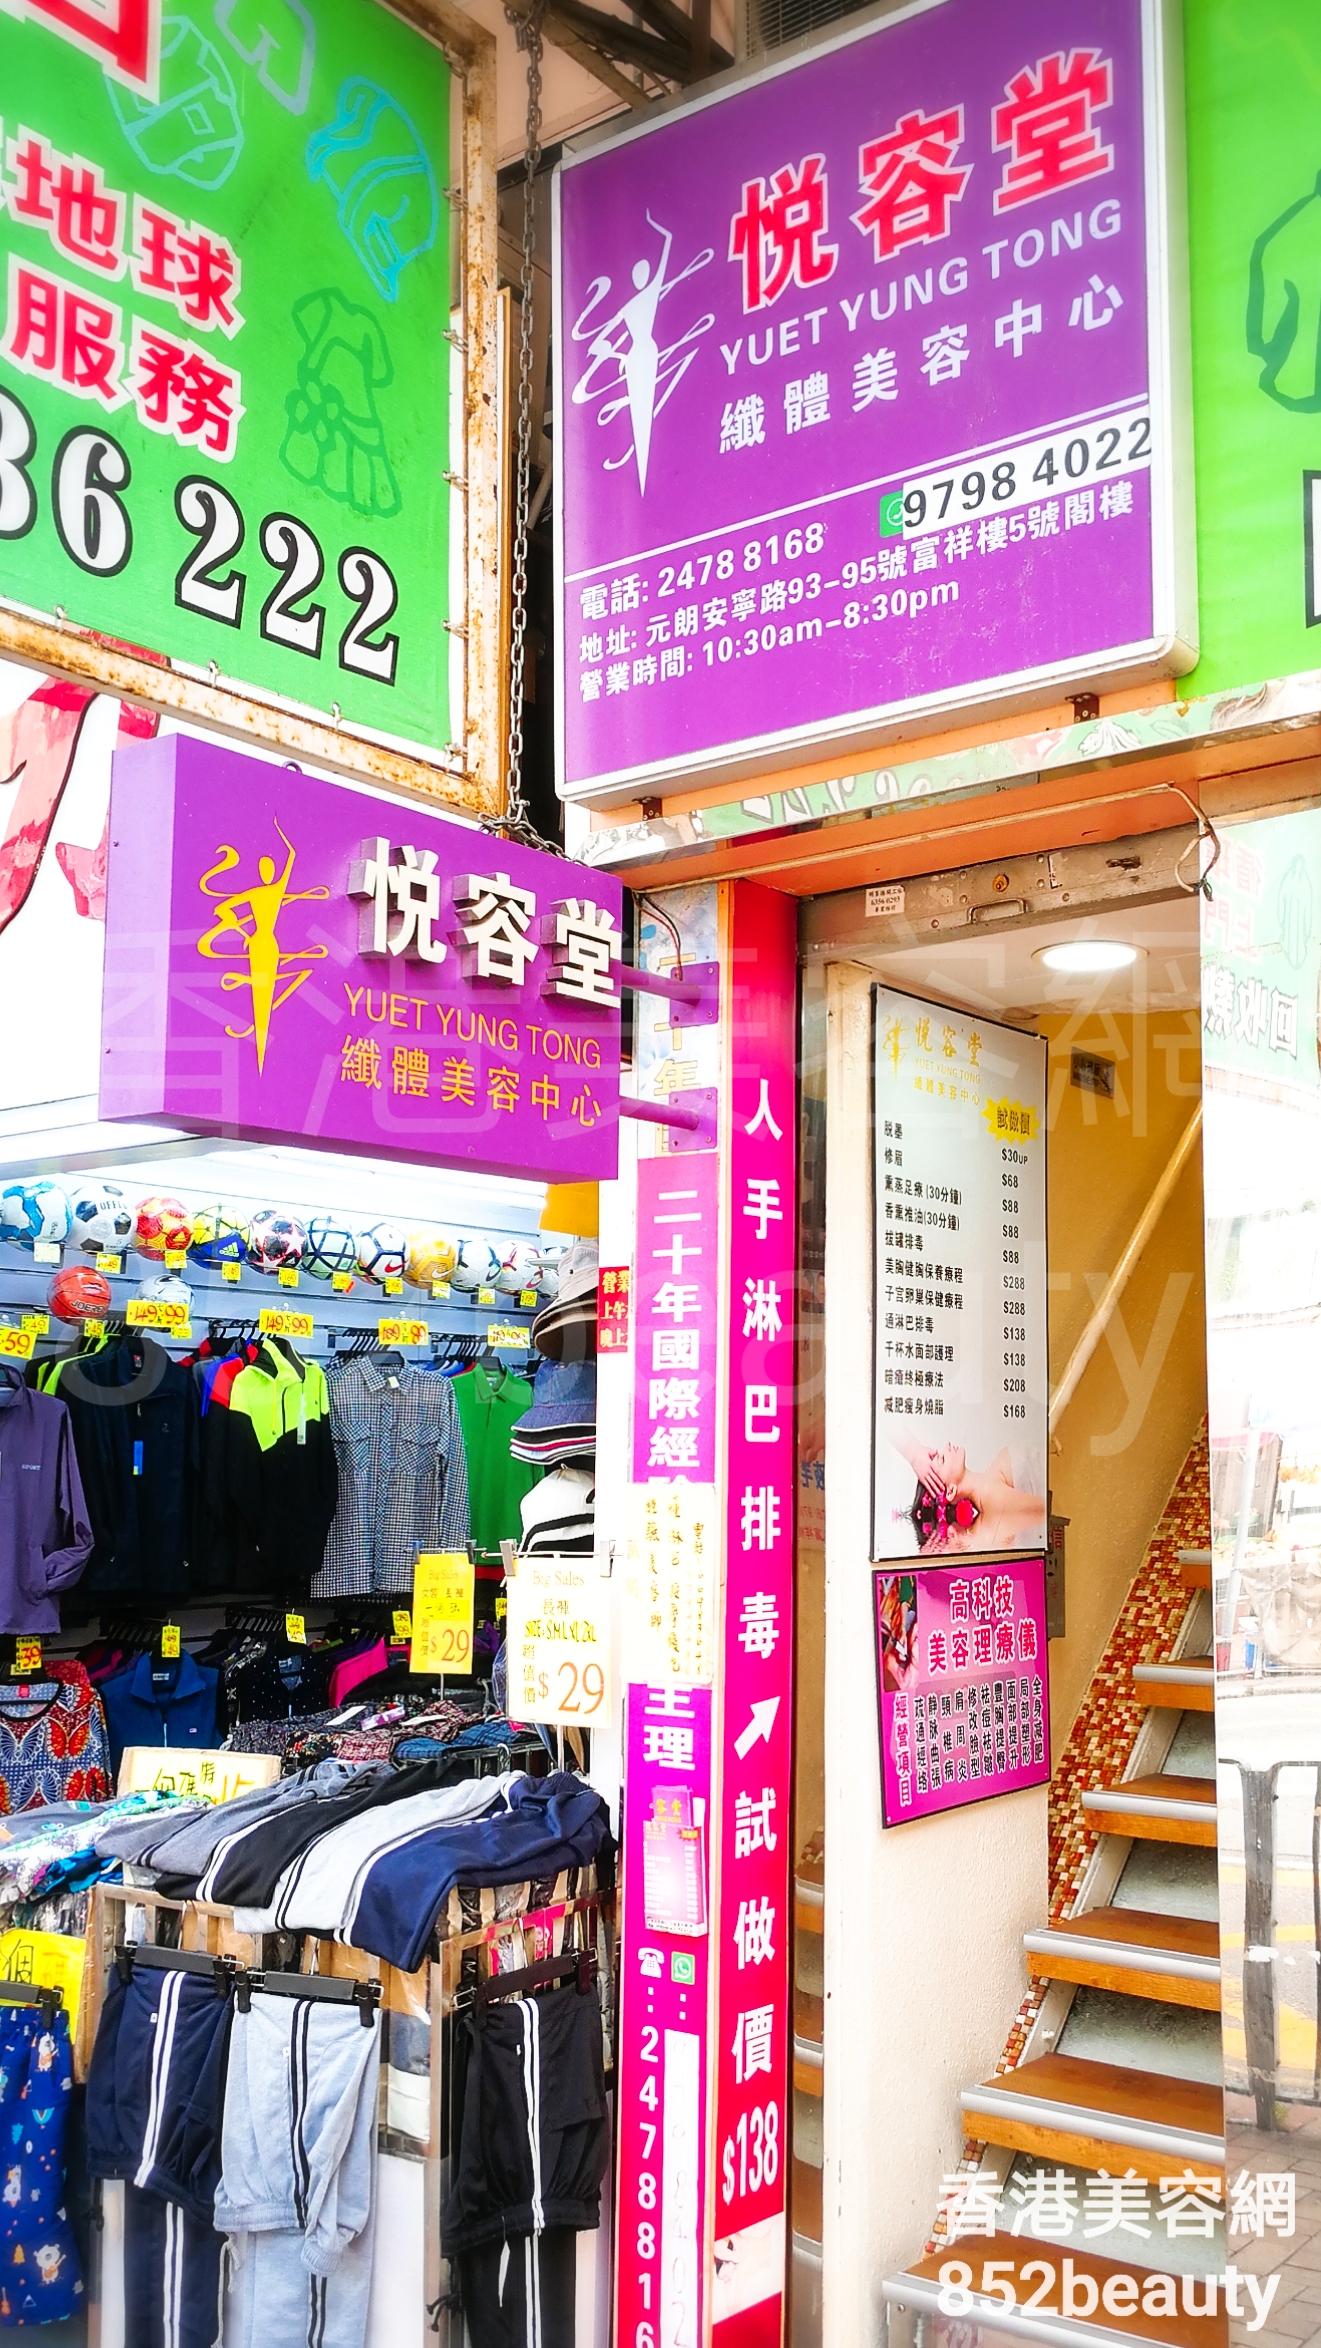 香港美容網 Hong Kong Beauty Salon 美容院 / 美容師: 悅容堂美容中心 (富祥樓分店)